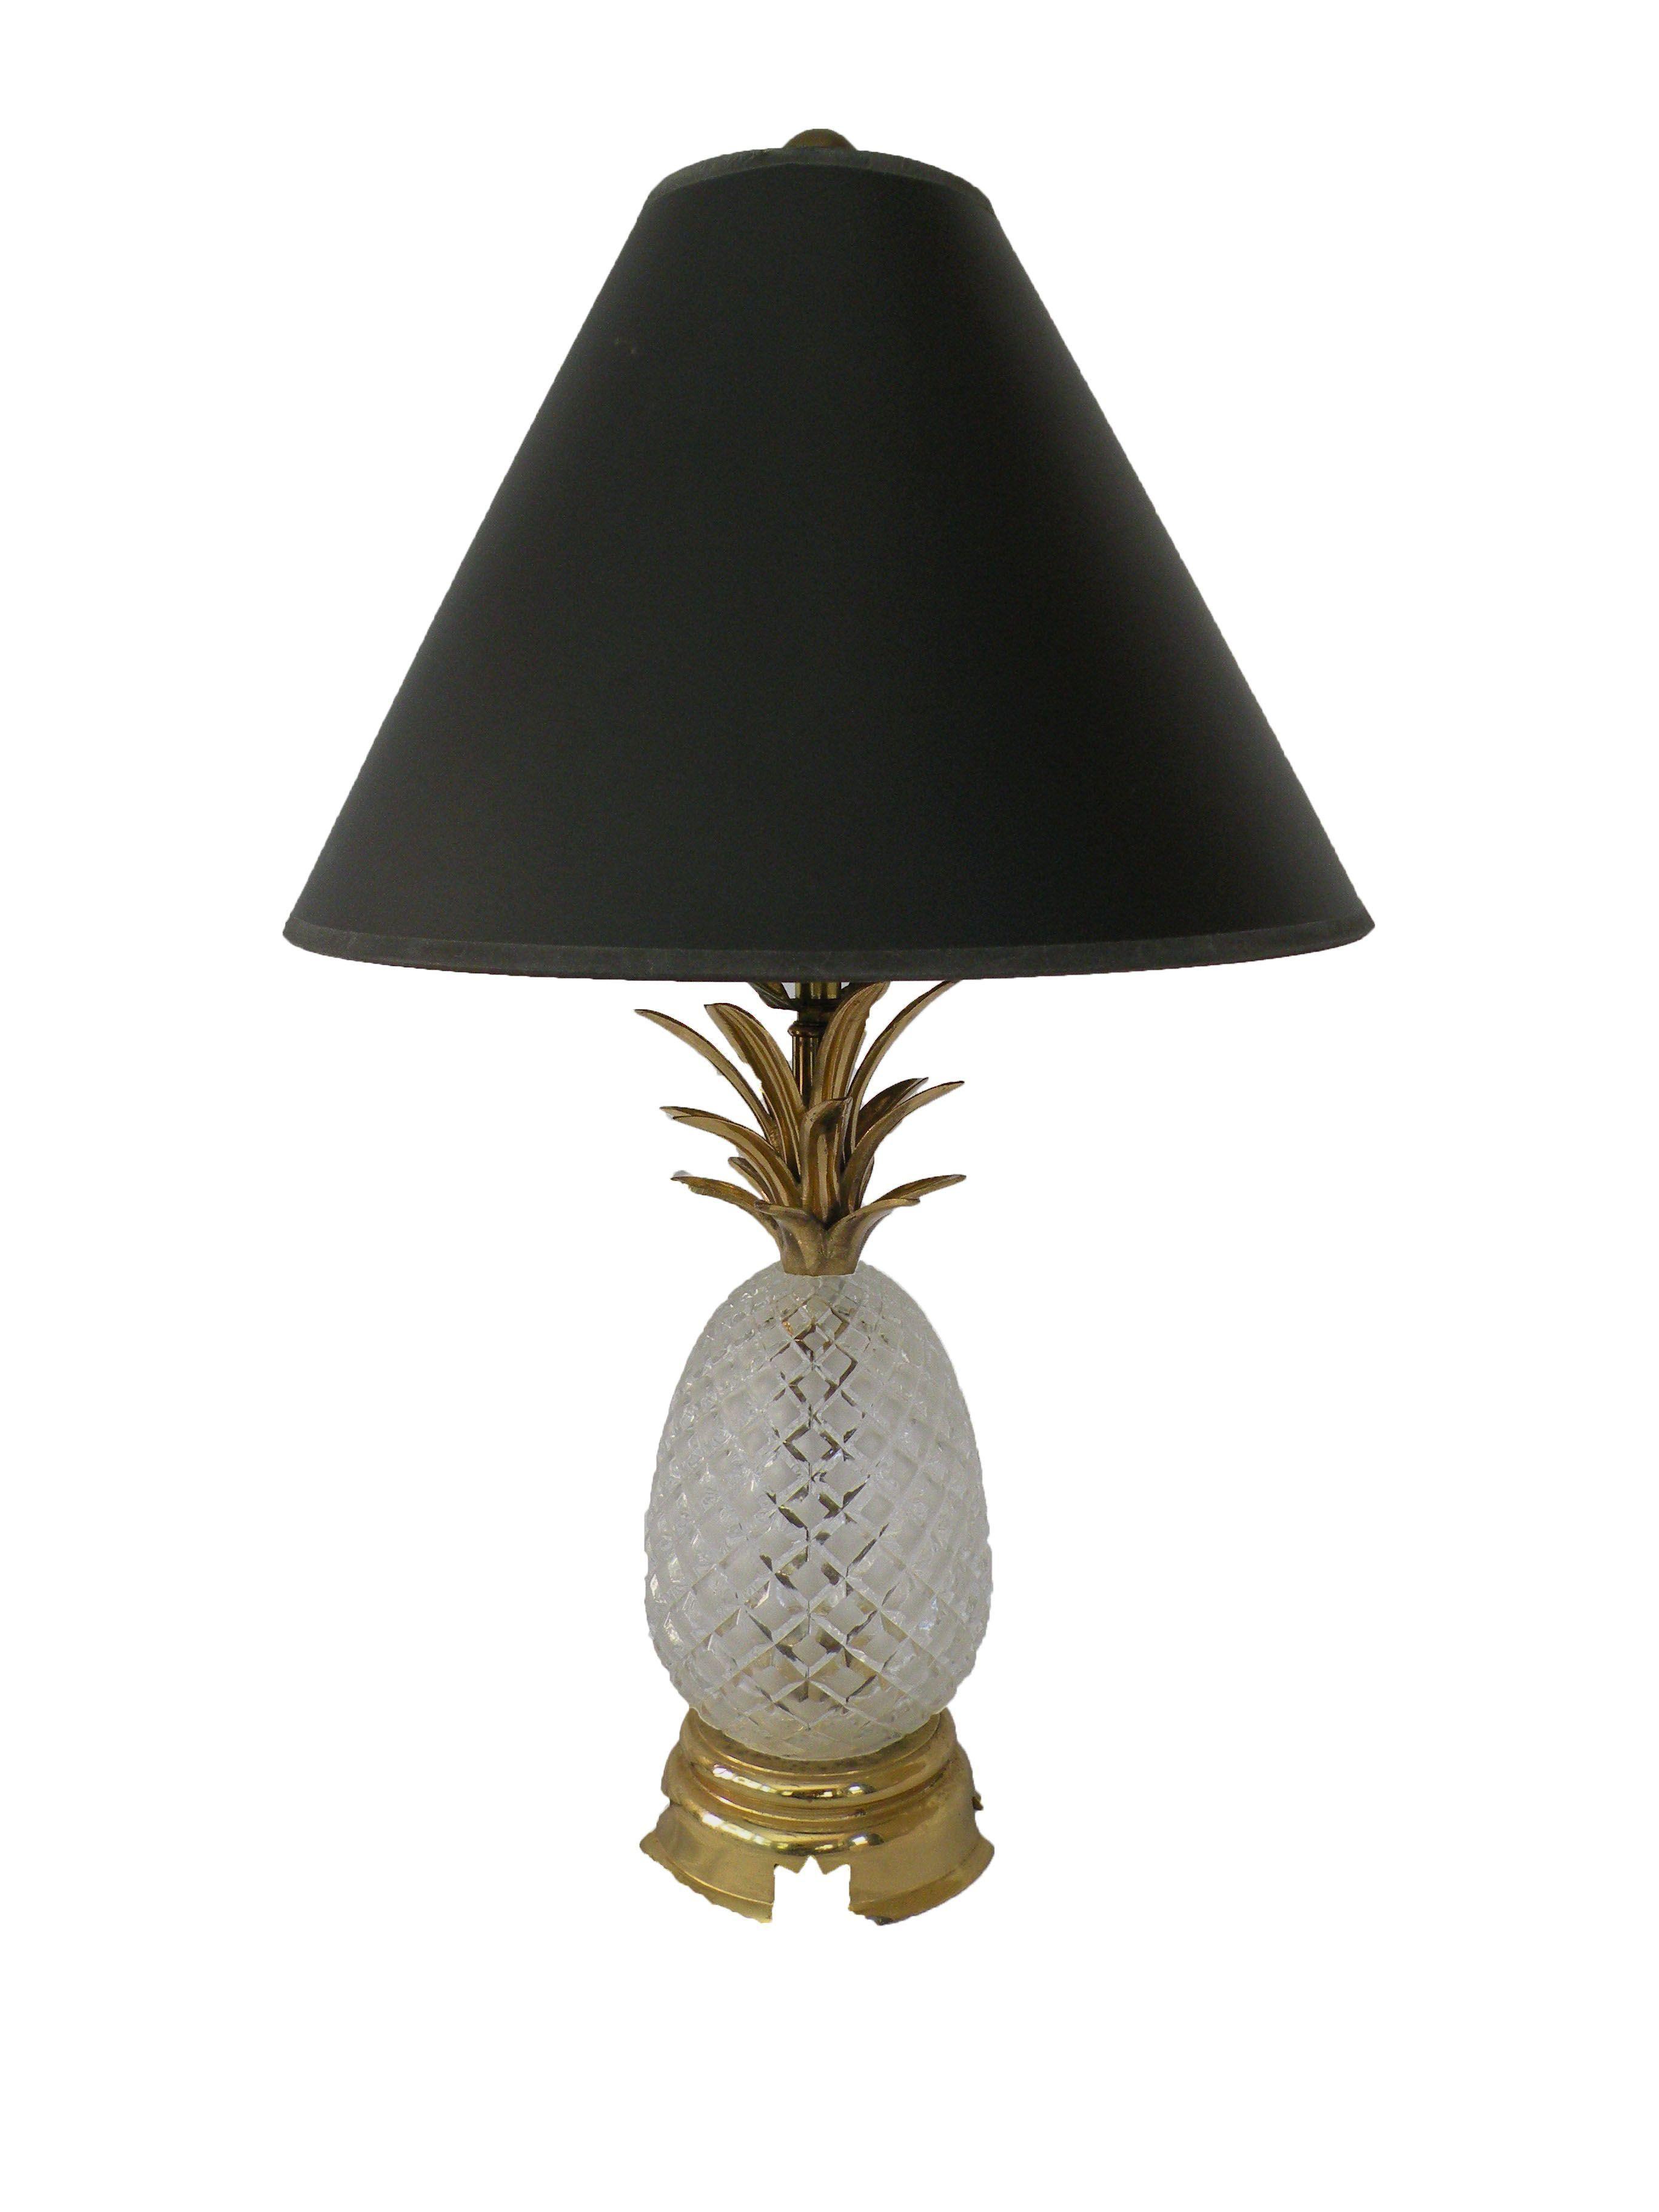 Vintage Crystal Pineapple Table Lamp On Chairish.com